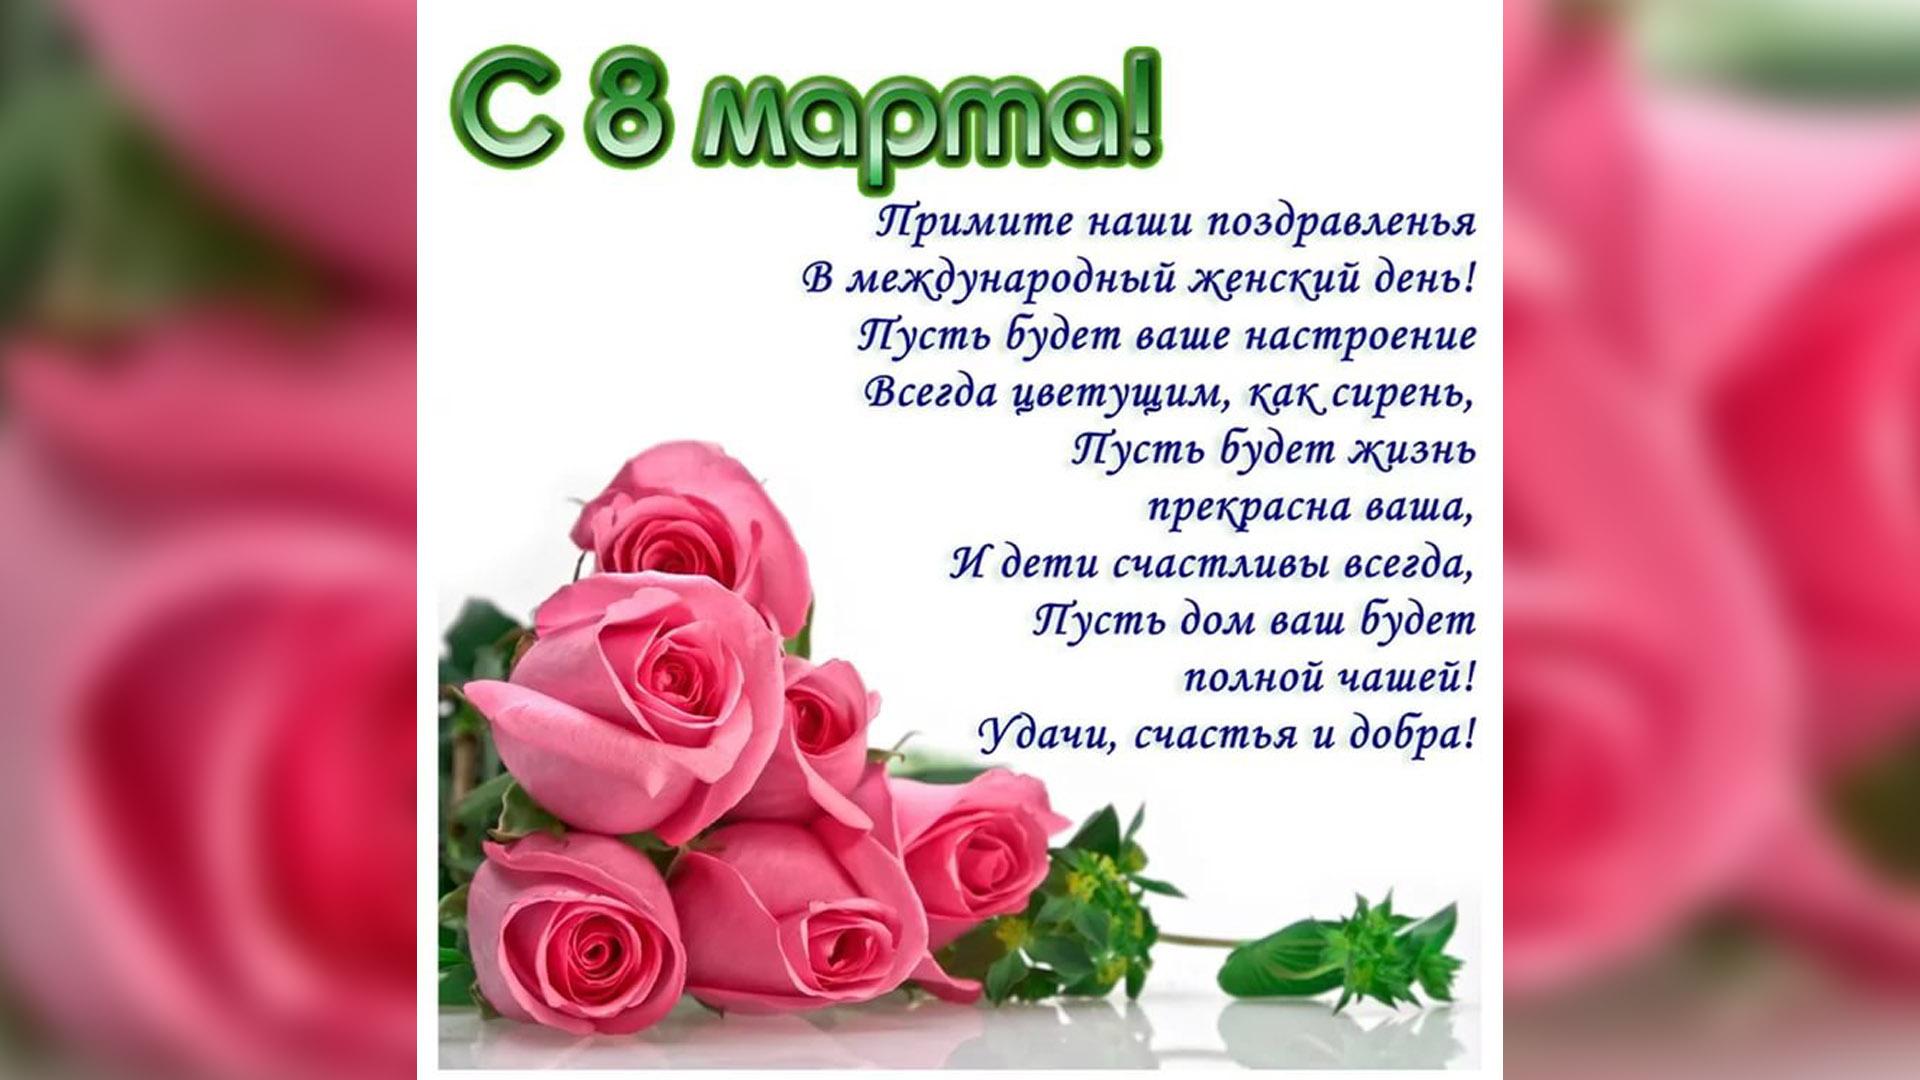 Поздравления с днем рождения на украинском языке День 50